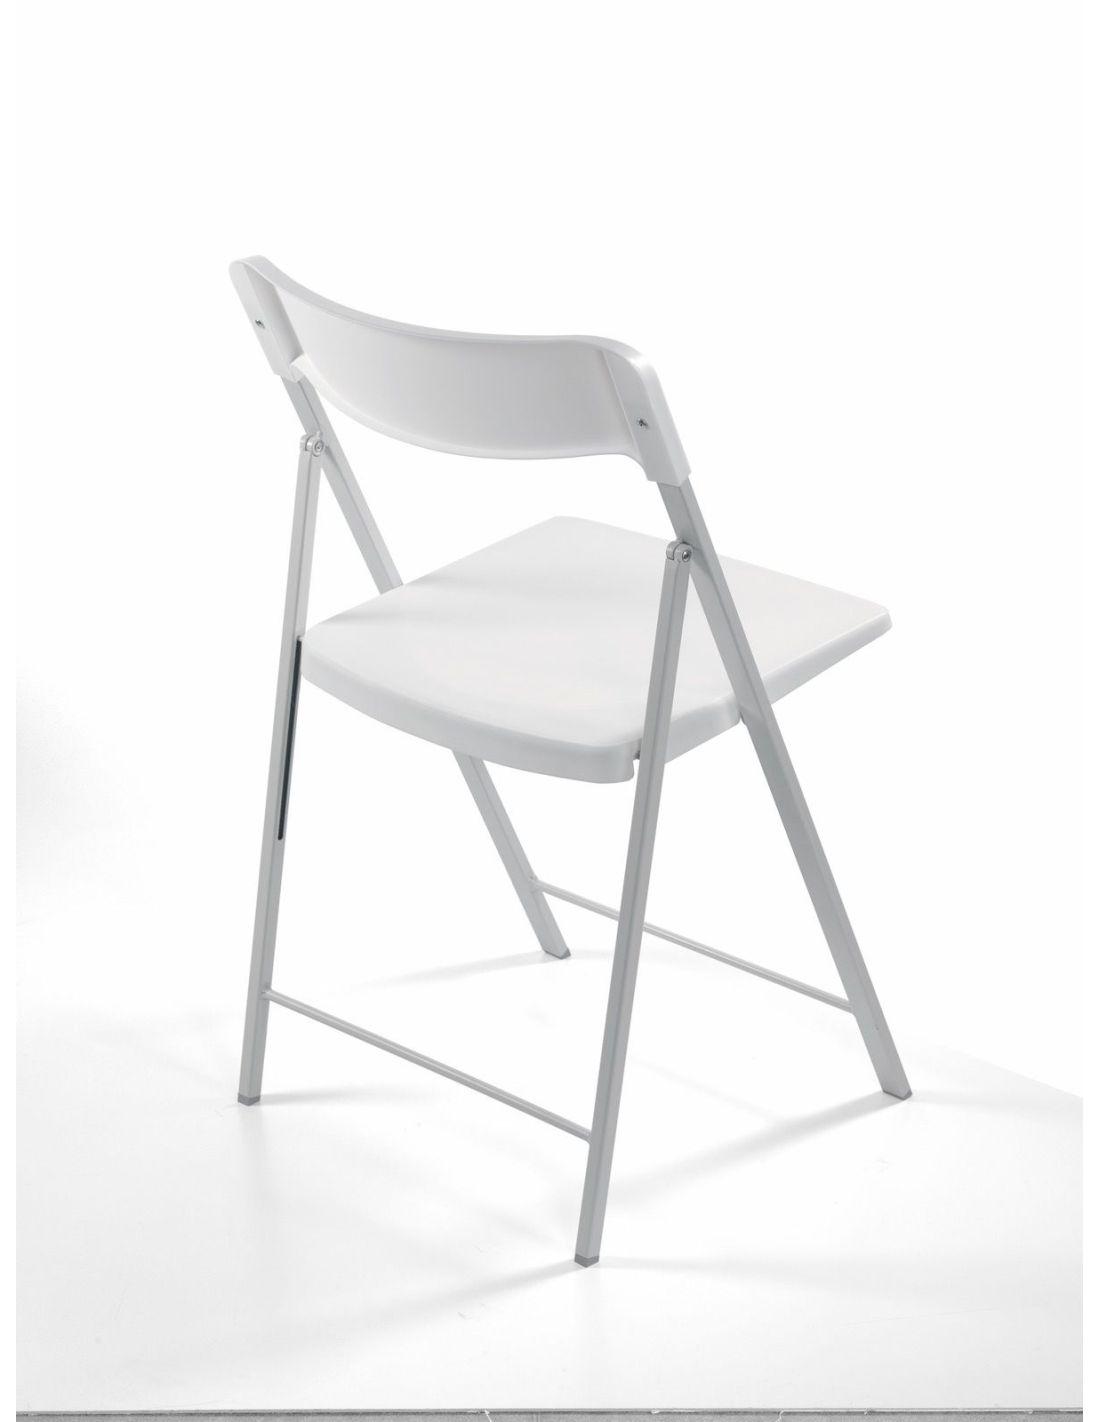 Sedie Di Plastica Pieghevoli.6 Sedie Pieghevoli Salvaspazio In Acciaio E Plastica Zeta